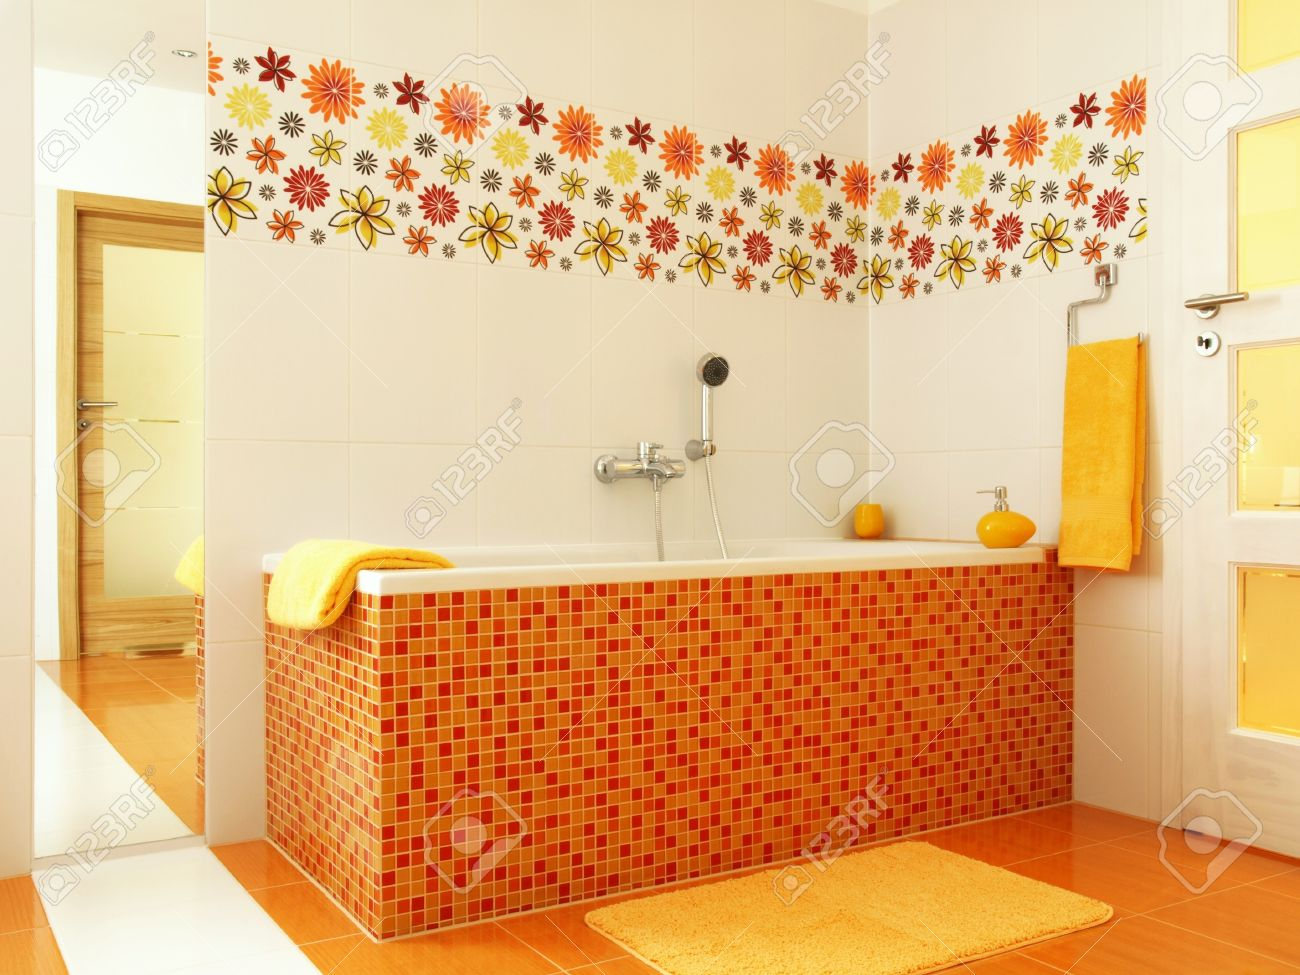 Elegant Bunte Mosaik Badezimmer Mit Badewanne Und Orange Gelb Handtücher, Badezimmer  Ideen